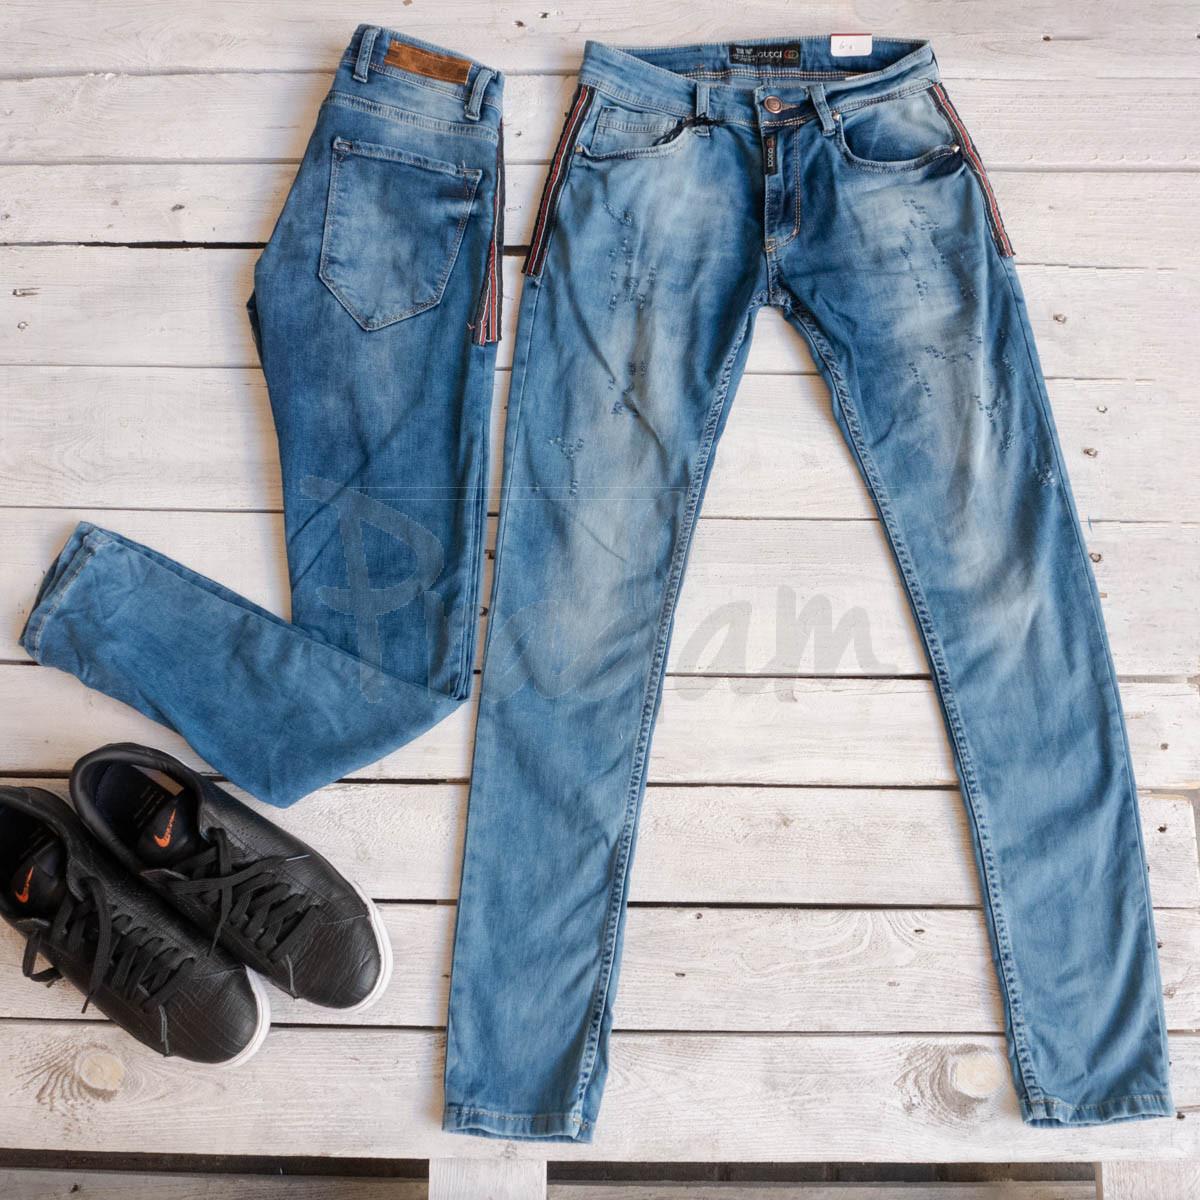 0164 Exclusive джинсы мужские голубые стрейчевые (8 ед. размеры: 29.30.31.32.32.33.34.36)